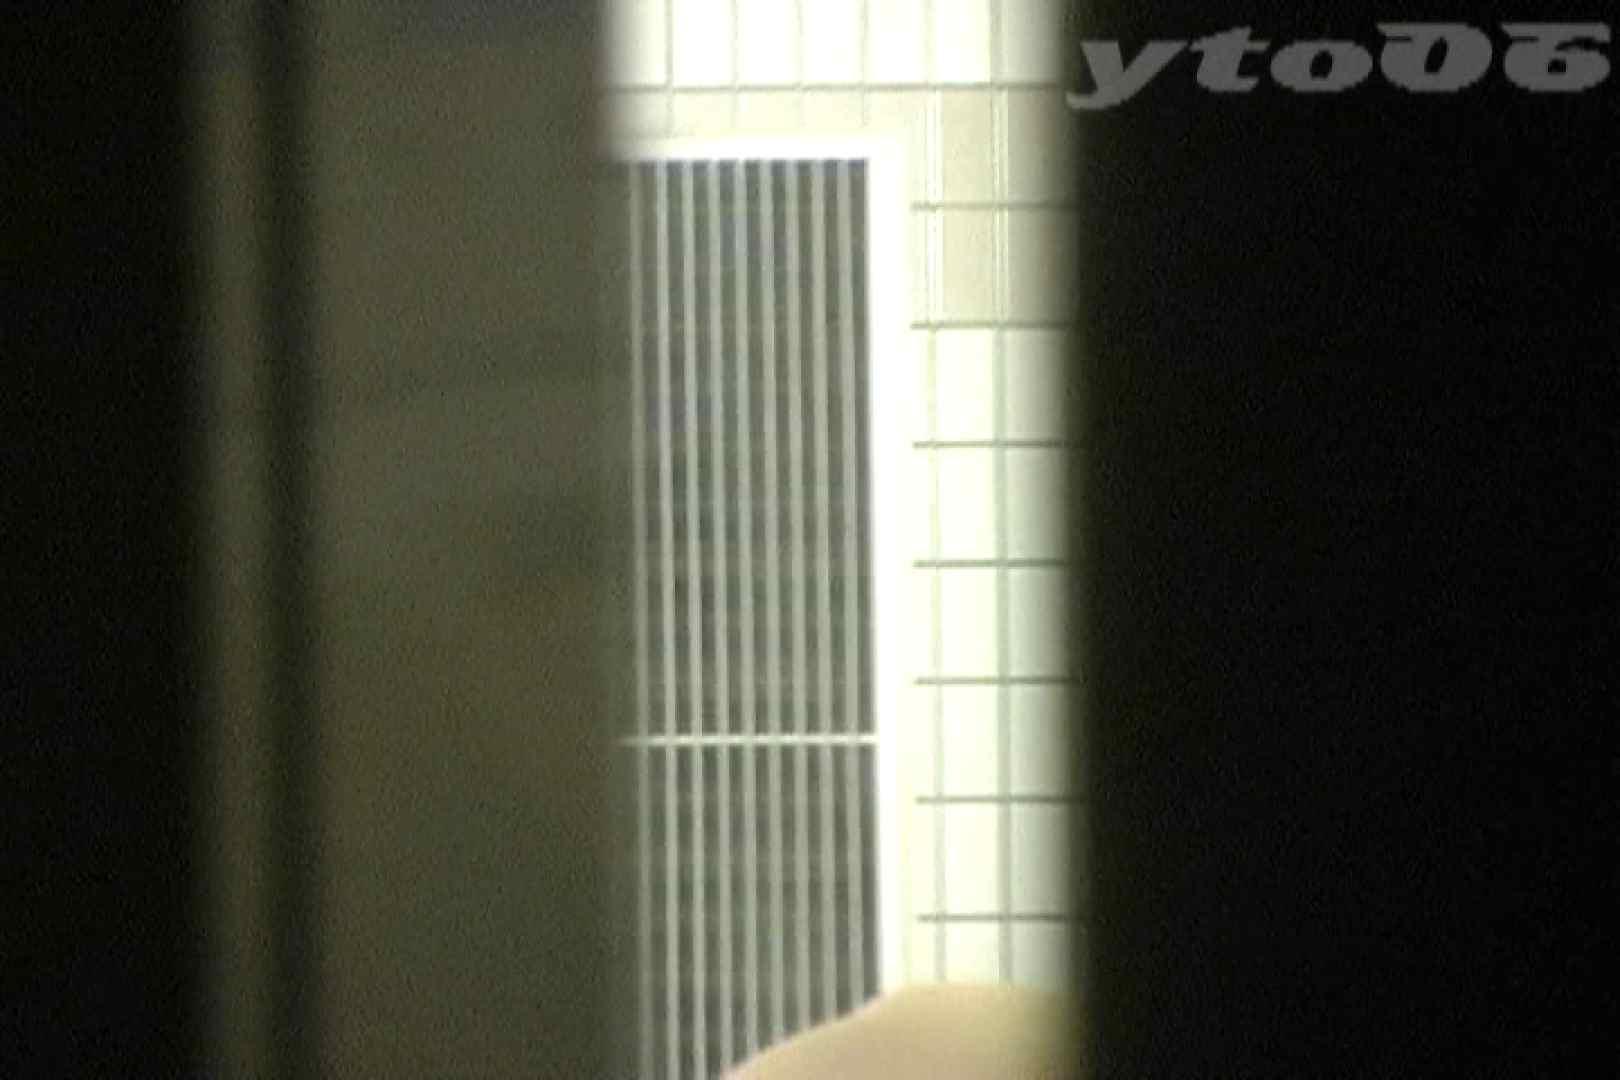 ▲復活限定▲合宿ホテル女風呂盗撮 Vol.36 女風呂 すけべAV動画紹介 102枚 14